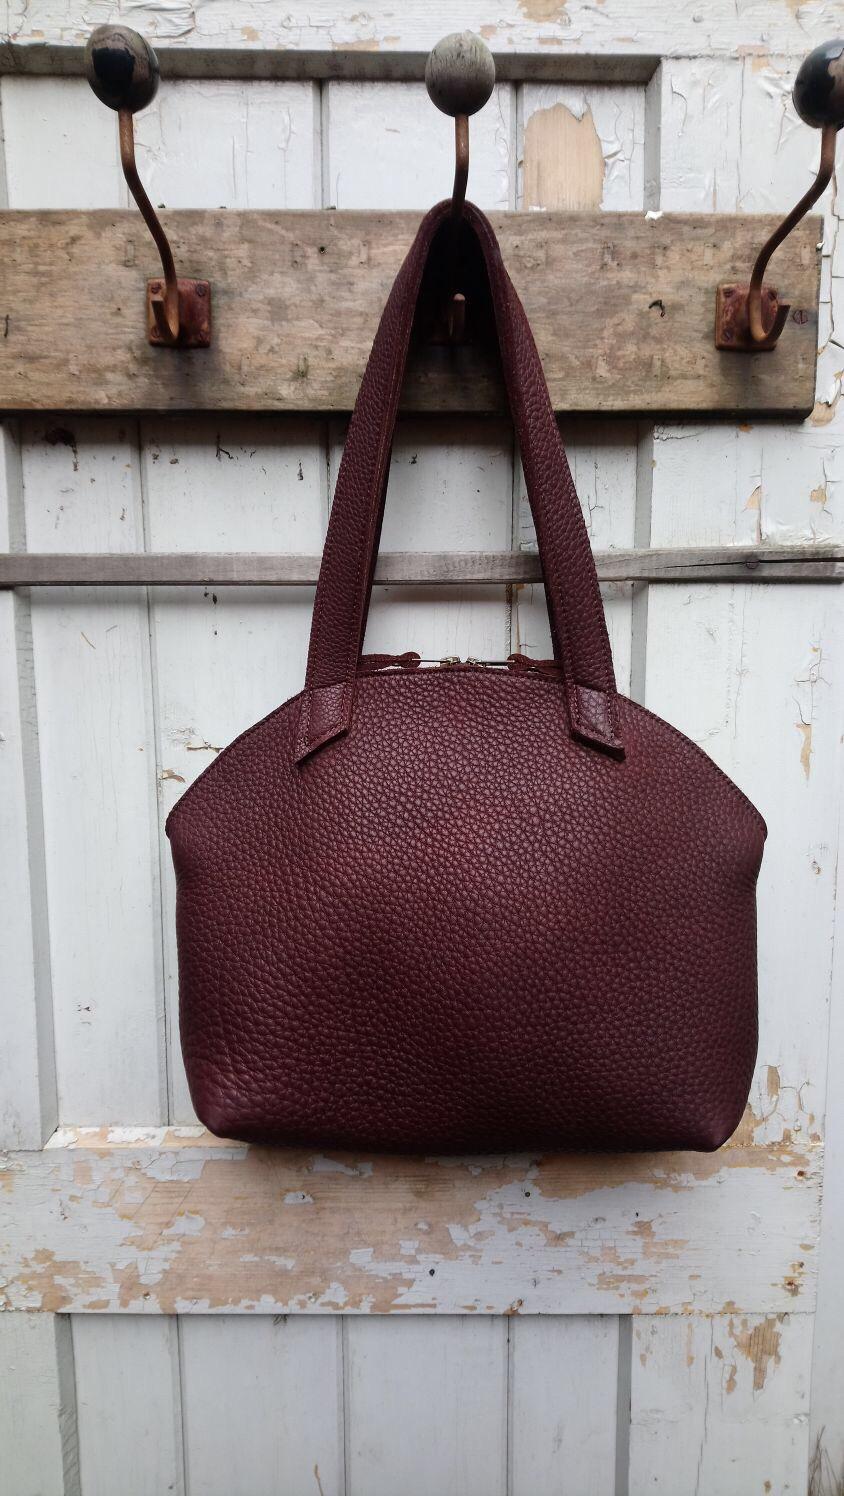 Unieke Tassen En Bags – Accessoires J By Leren Handgemaakte dtrxhQsC